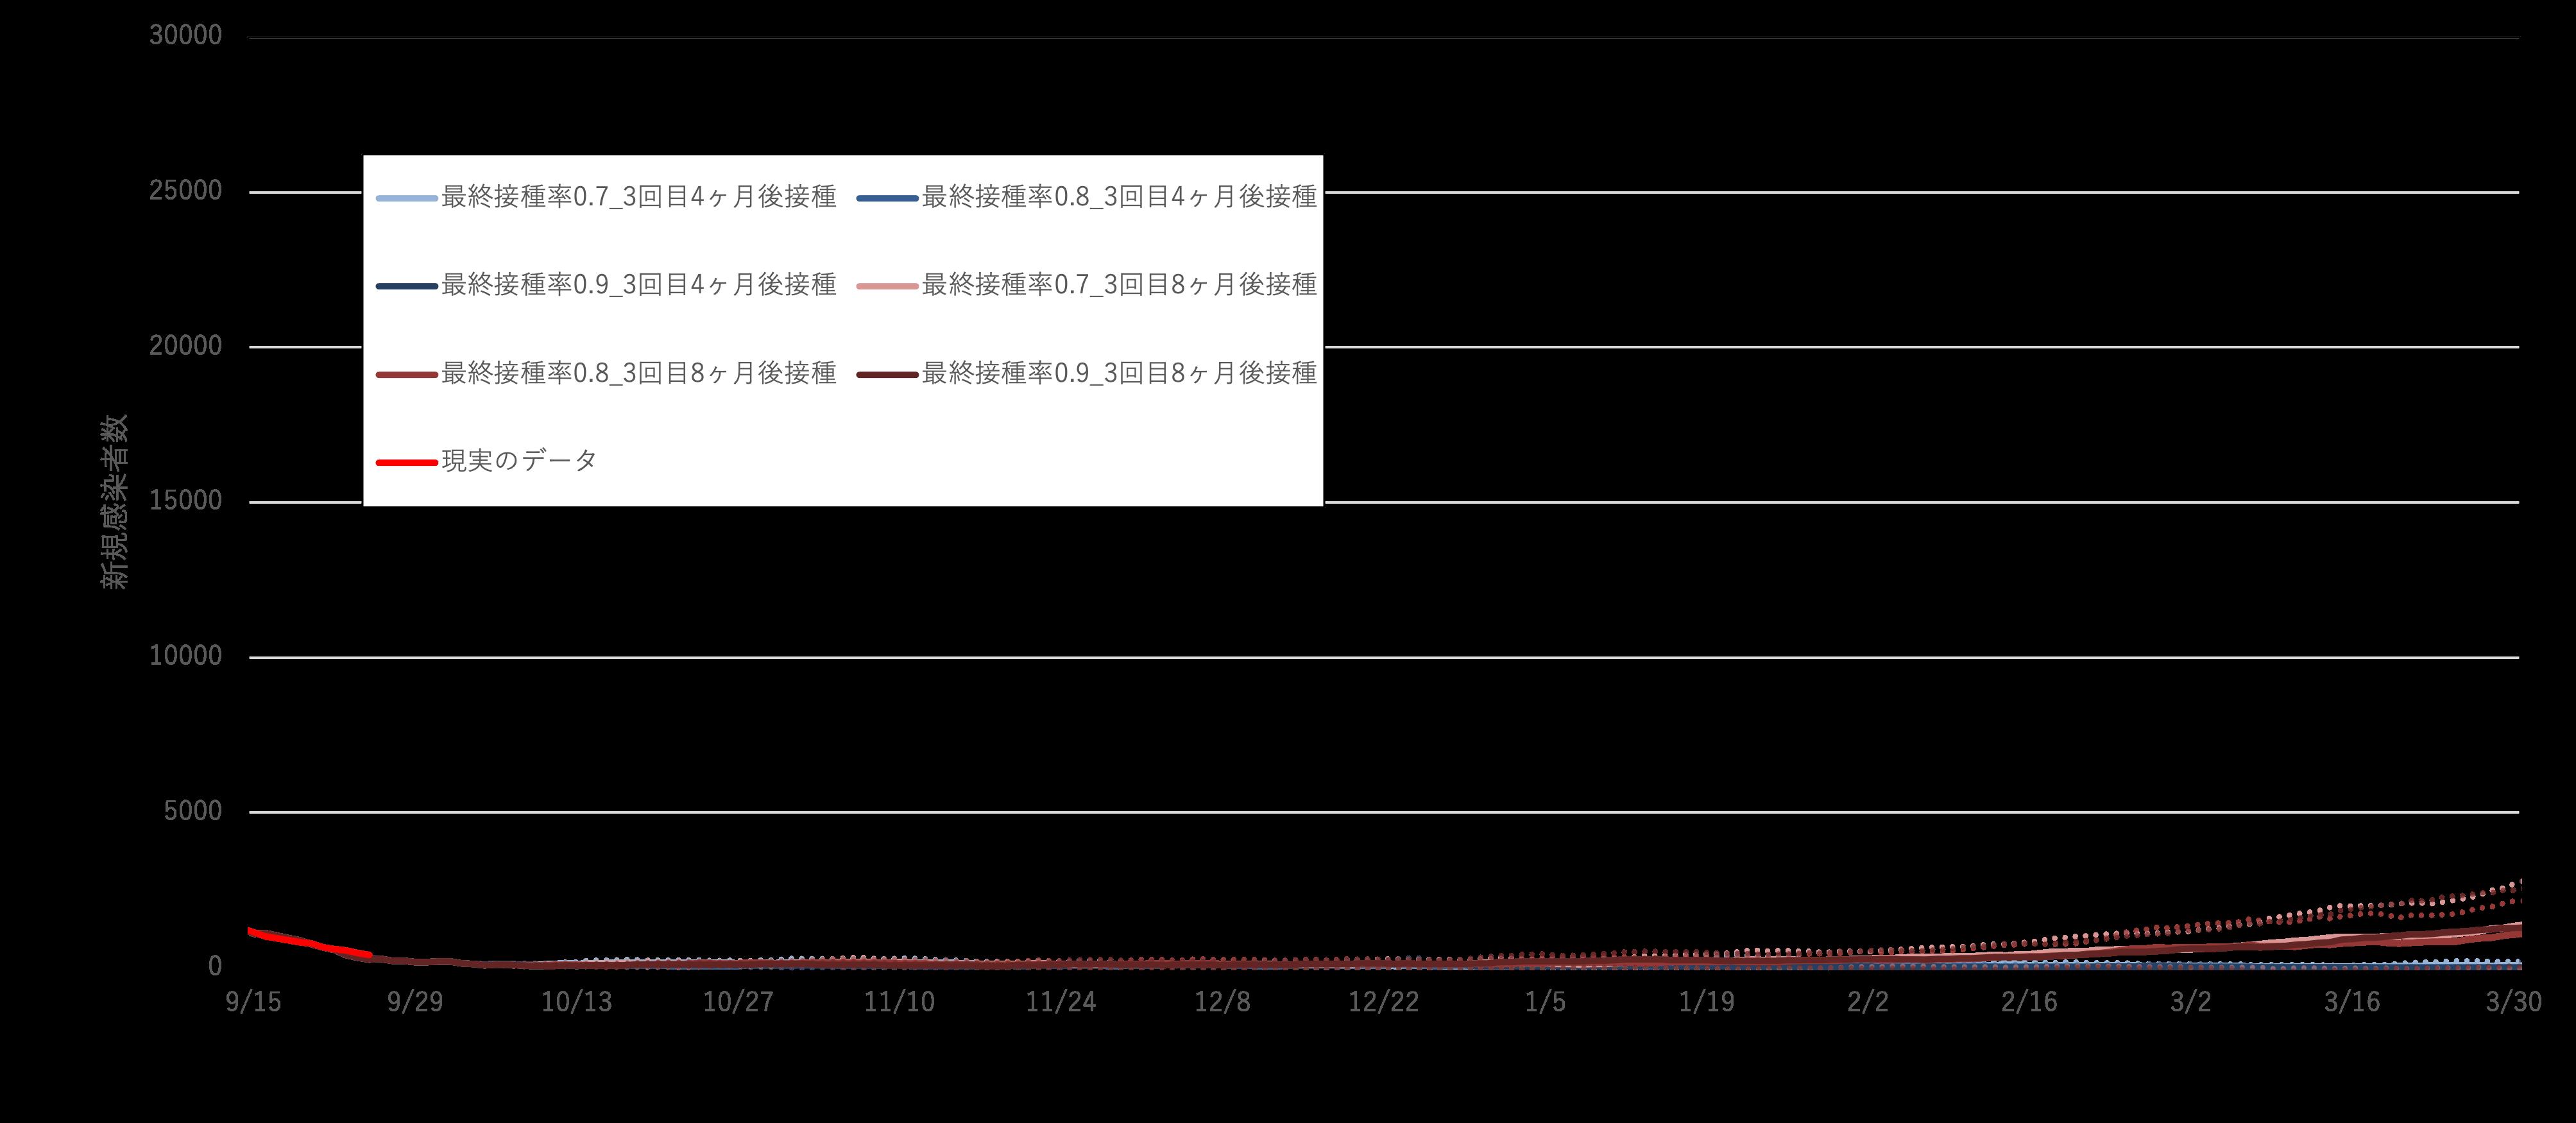 東京:新規感染者数_非接種者自粛率50%